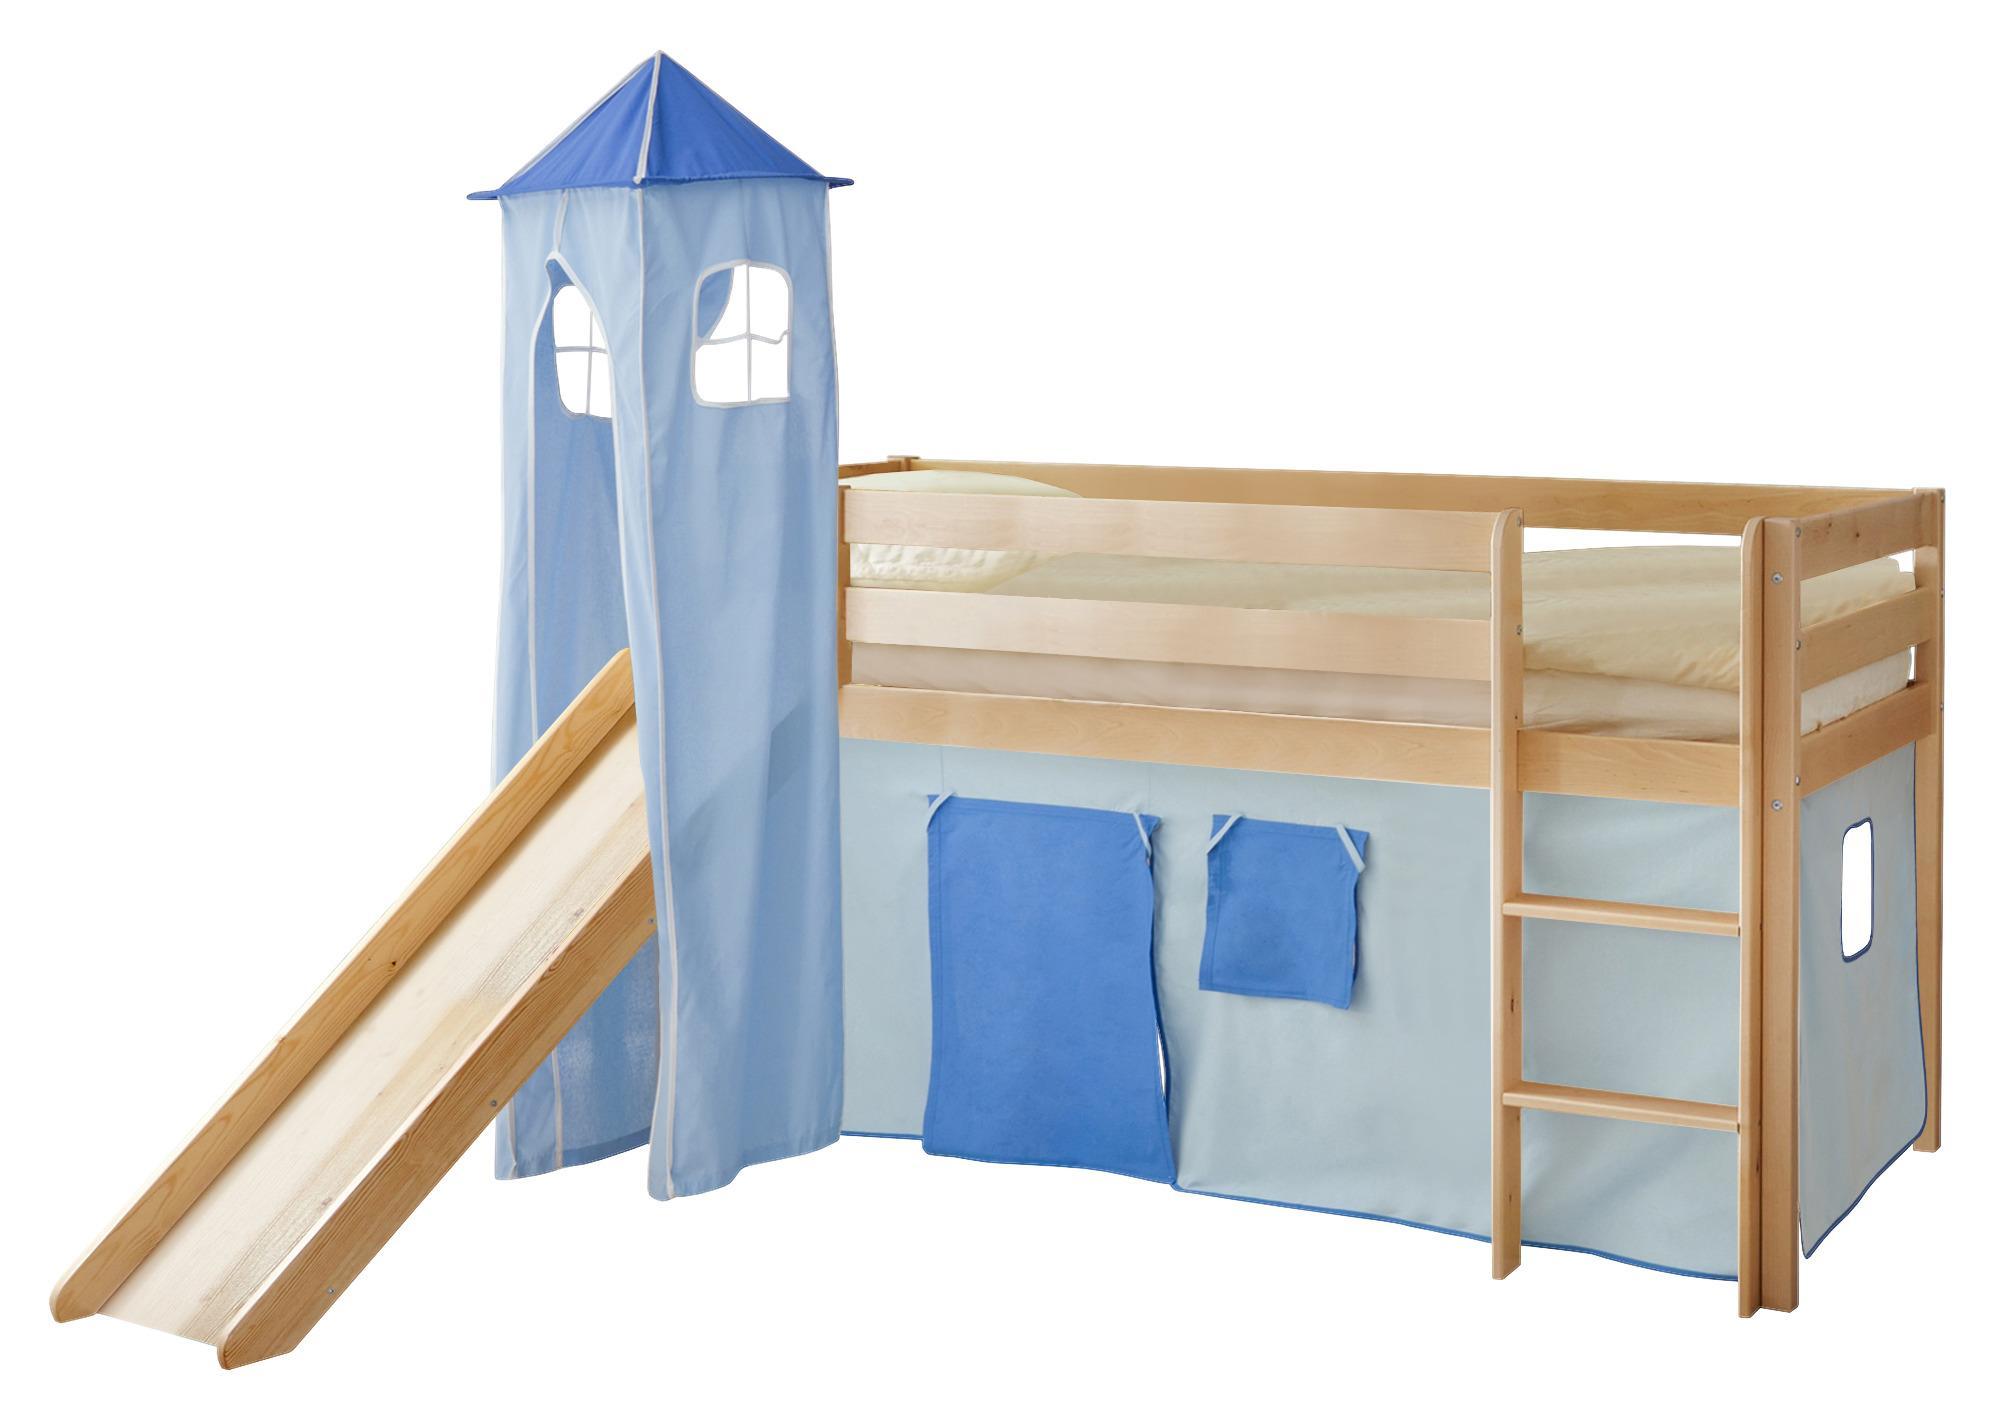 Spielbett aus massiver Kiefer mit Vorhang in Blau